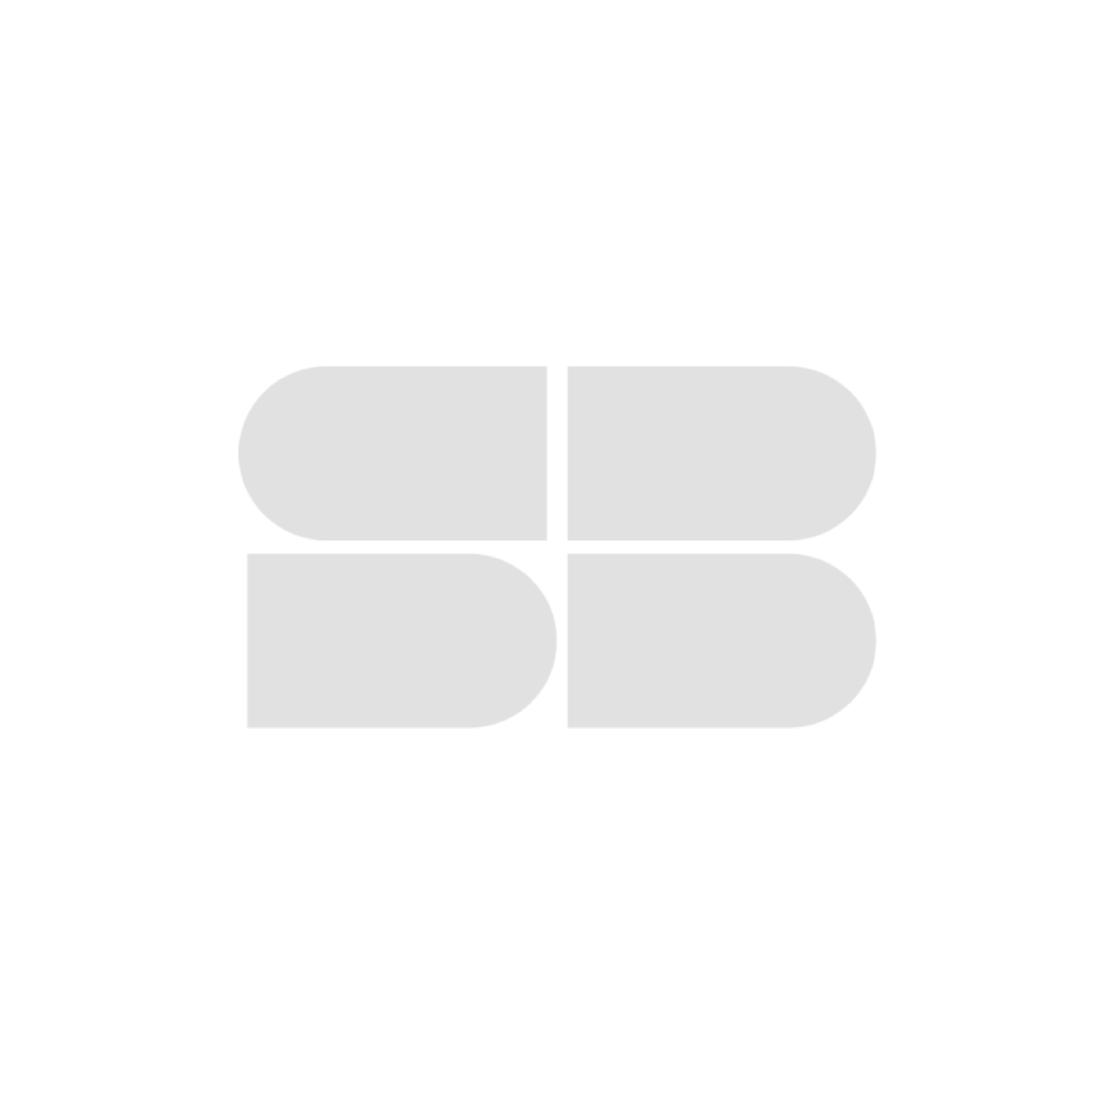 โซฟาหนังแท้ โซฟาเข้ามุมขวา รุ่น Galeno สีสีฟ้า-SB Design Square